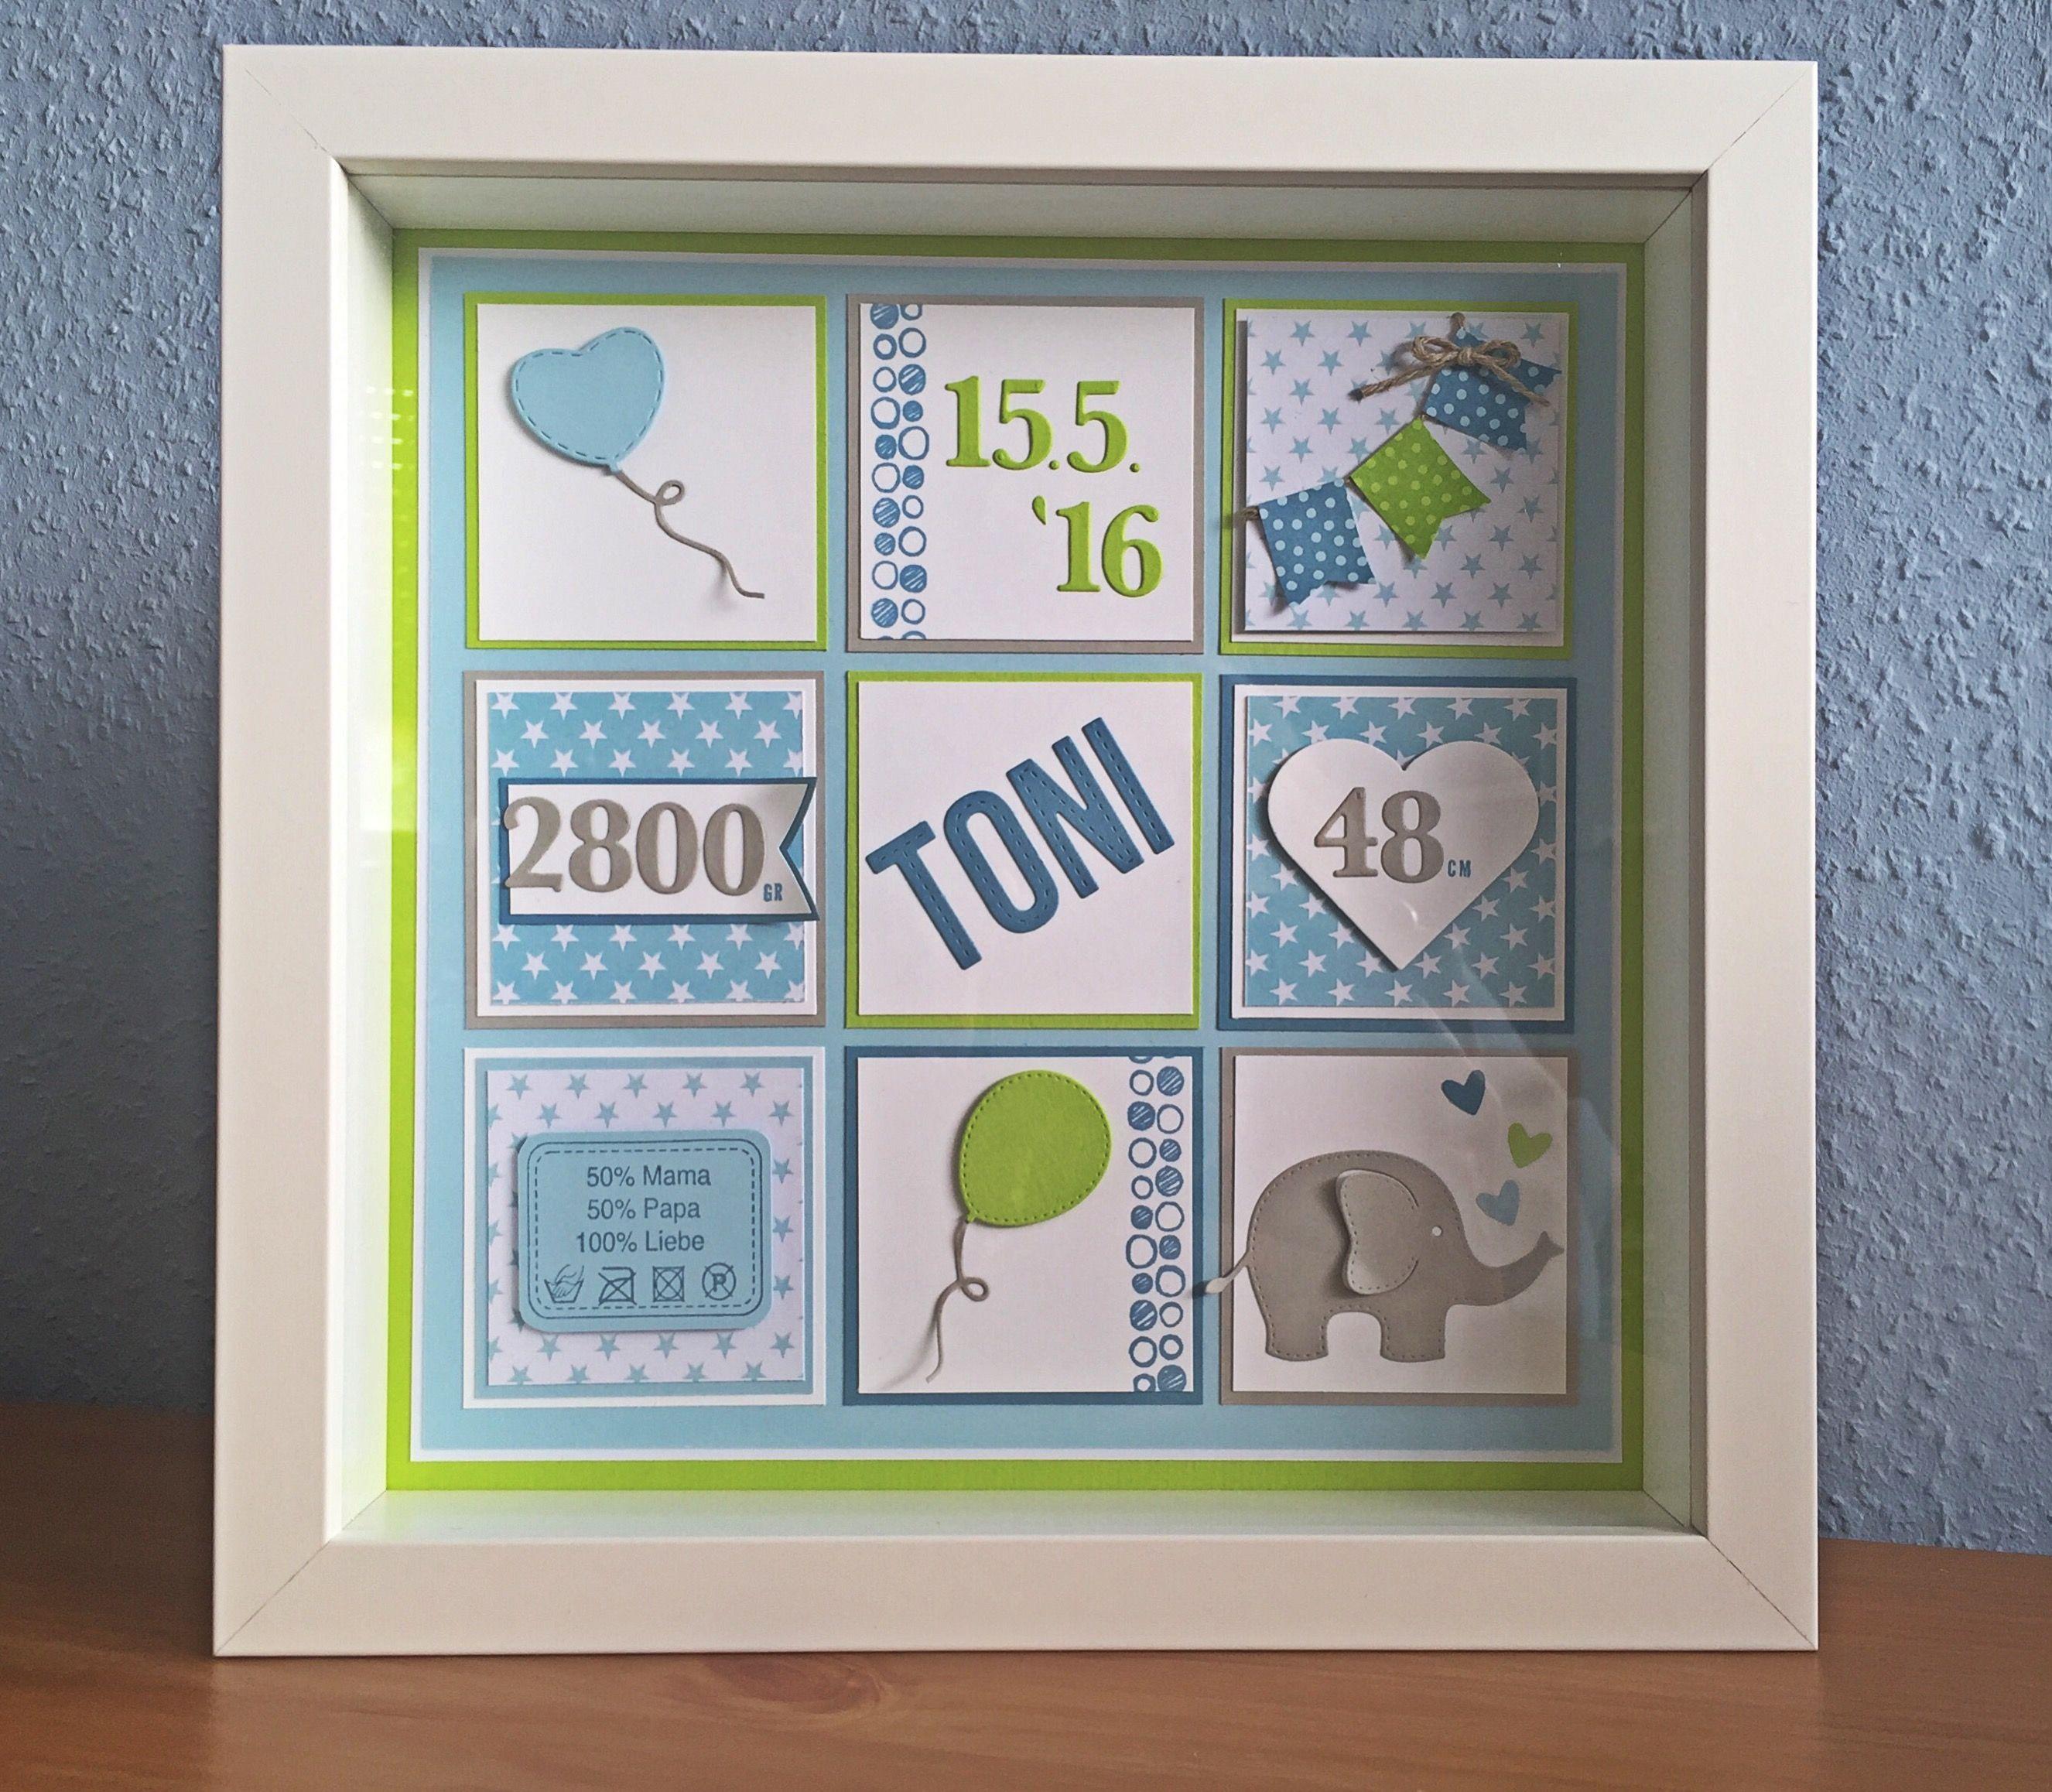 personalisierter ribba rahmen als geschenk zur geburt ikea blau gr n sterne elefant rayher. Black Bedroom Furniture Sets. Home Design Ideas